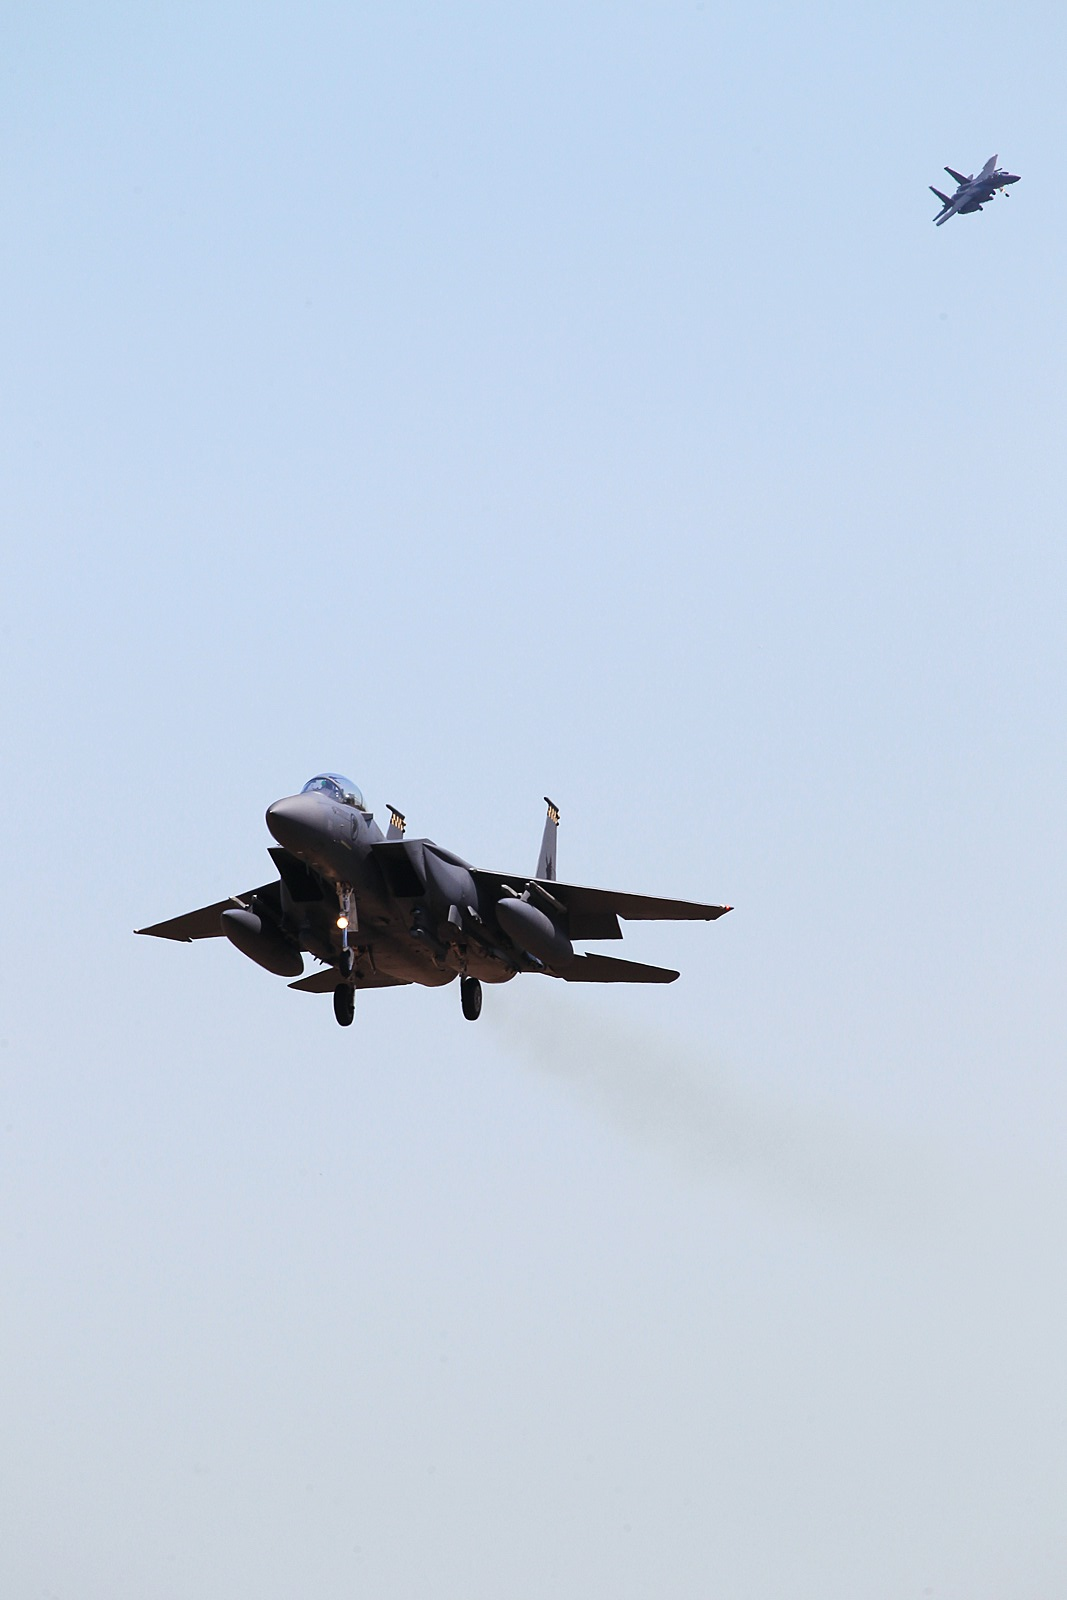 Pitch Black 14 참가 싱가폴공군 F-15SG 등